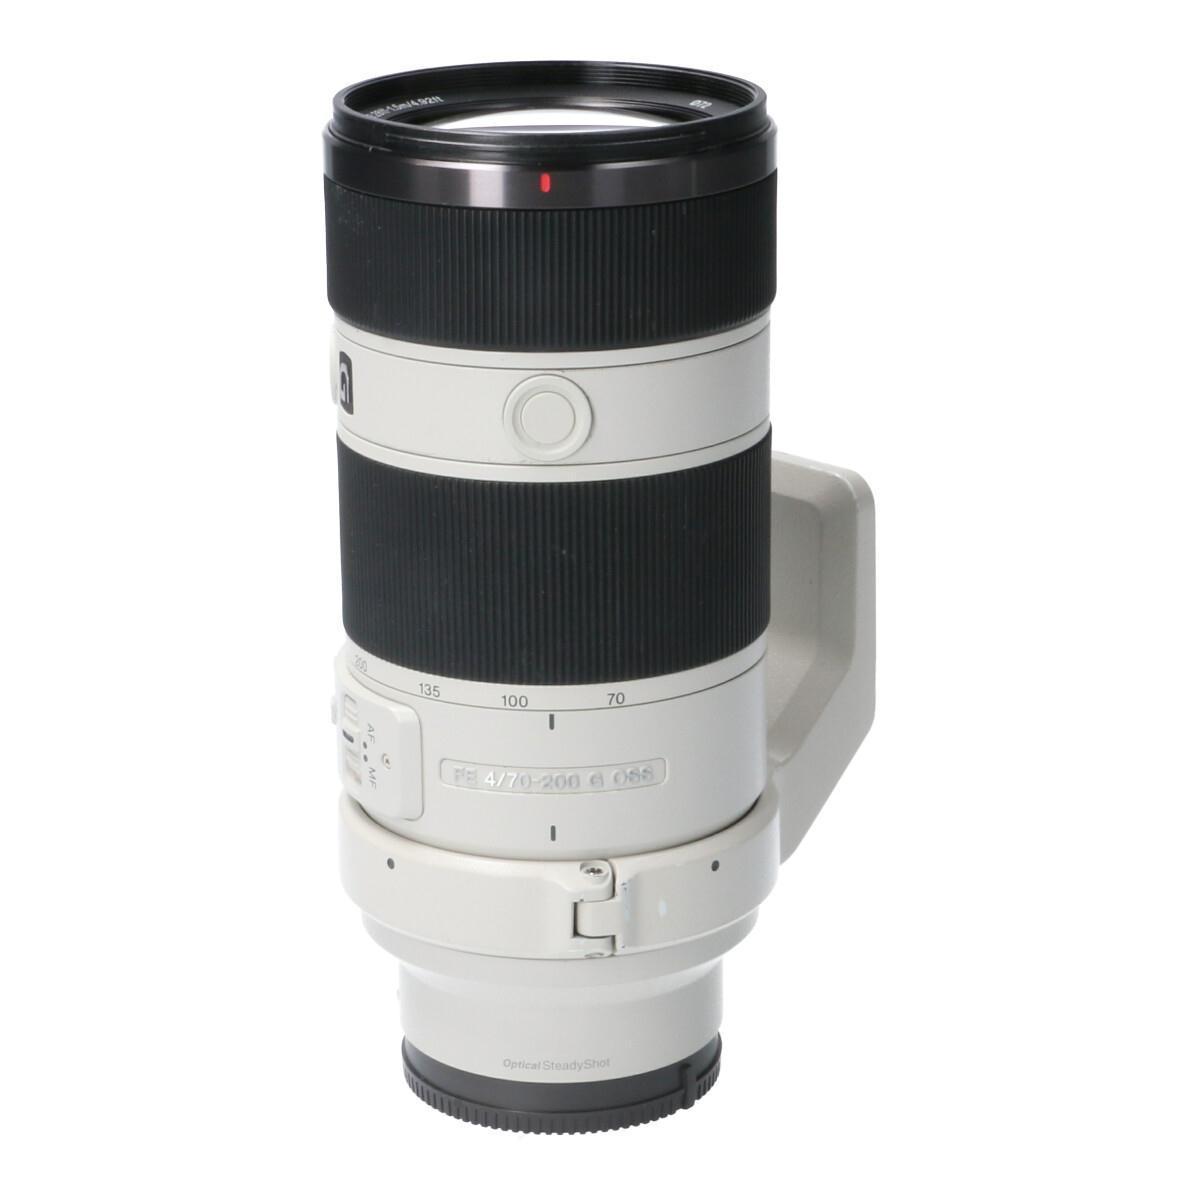 SONY FE70-200mm F4G OSS【中古】